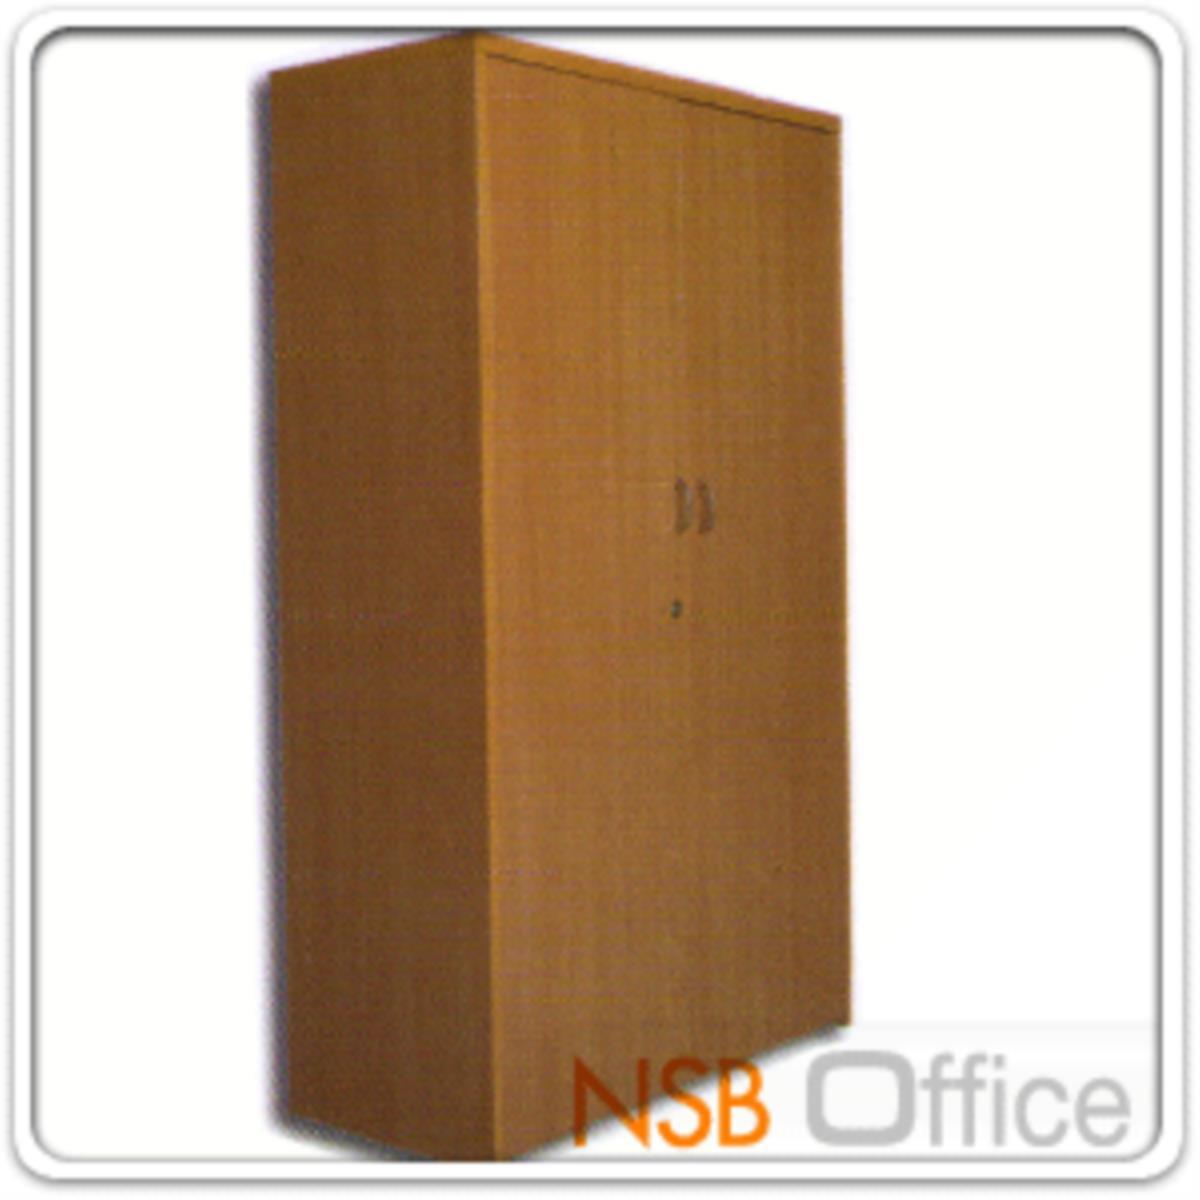 ตู้เอกสาร สูง 160 cm. 2 บานเปิดทึบ รุ่น Londinium (ลอนดีนิอุม)  เมลามีน